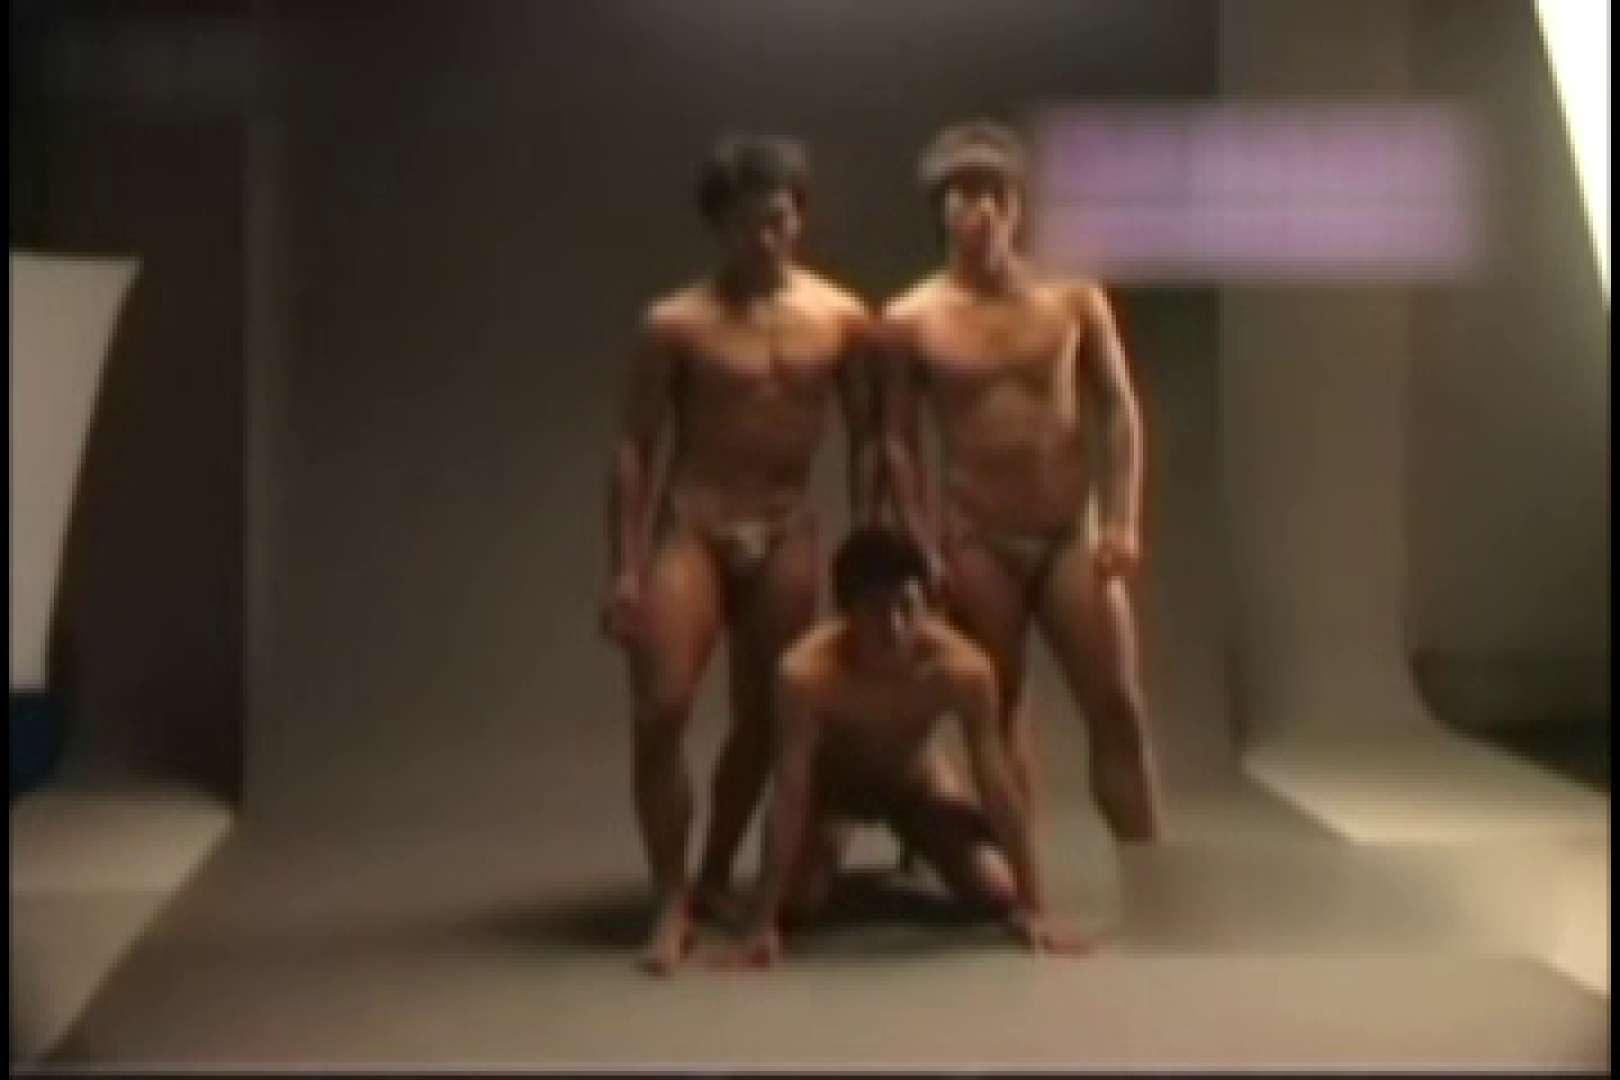 中出有名ゲイ雑誌★魅力●生★付録DVD収録スーパーモデルヌードvol4 ヌード ゲイフリーエロ画像 100pic 2